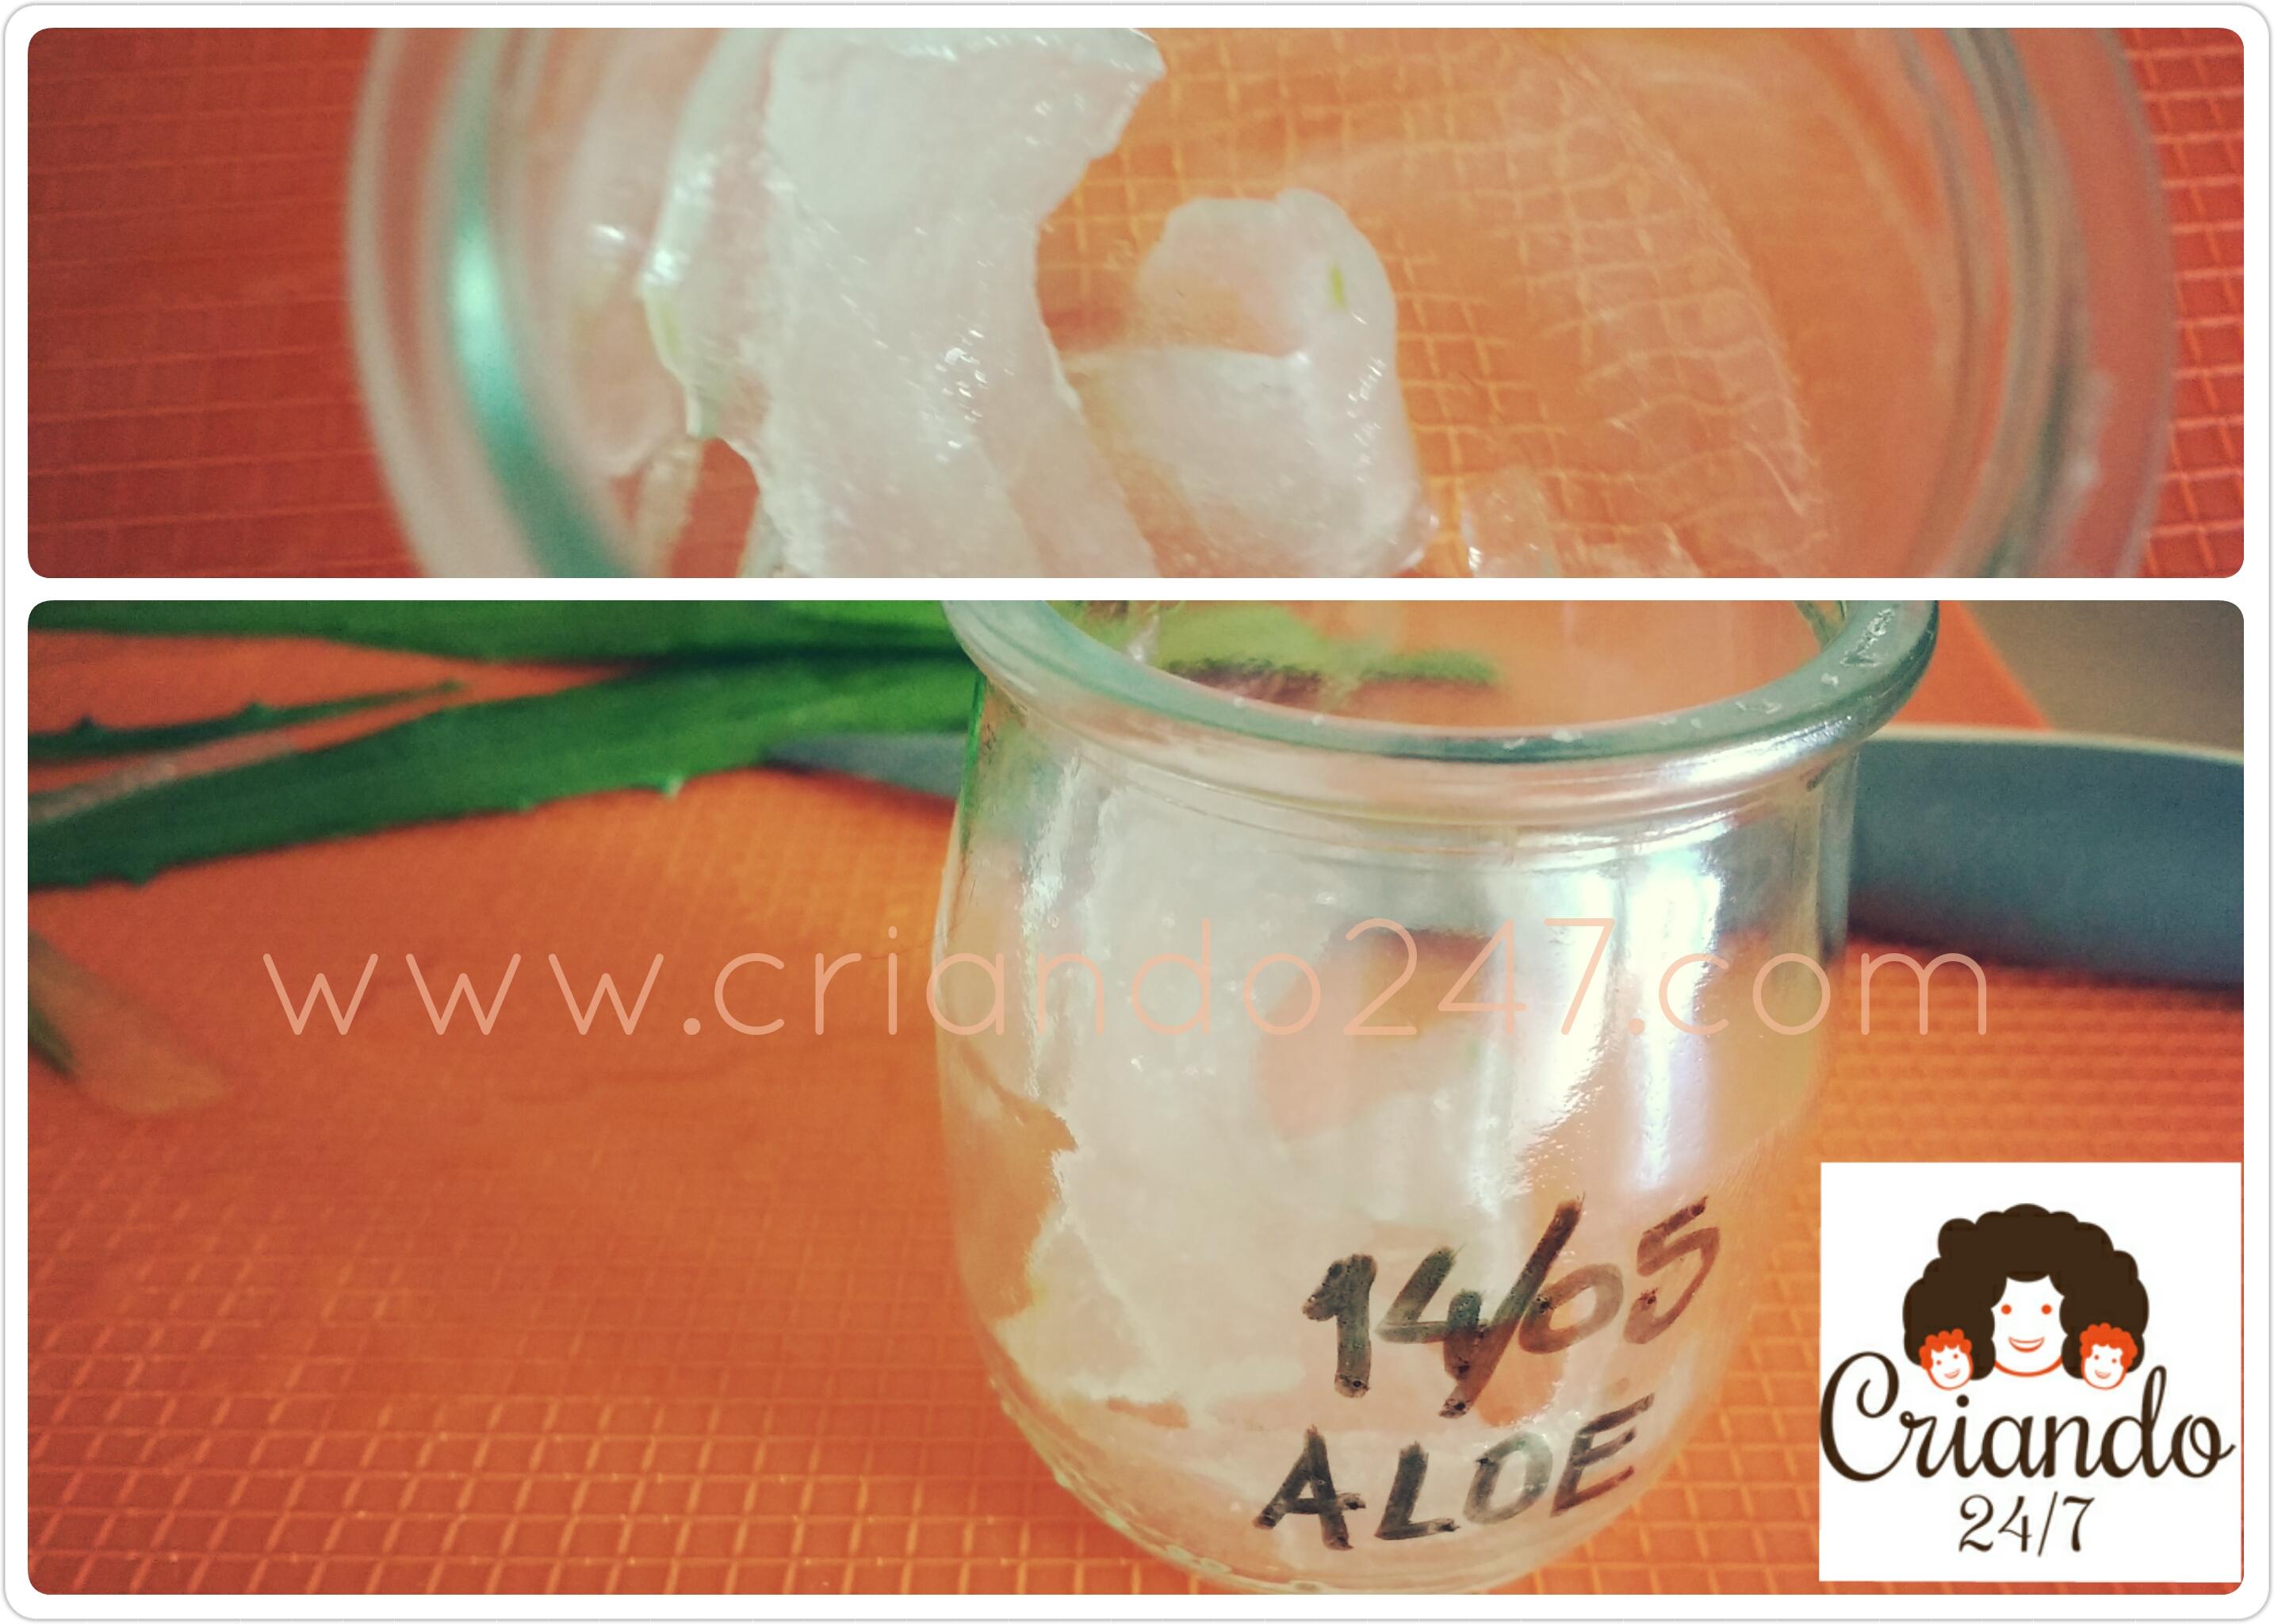 Criando247 Aloe Vera5